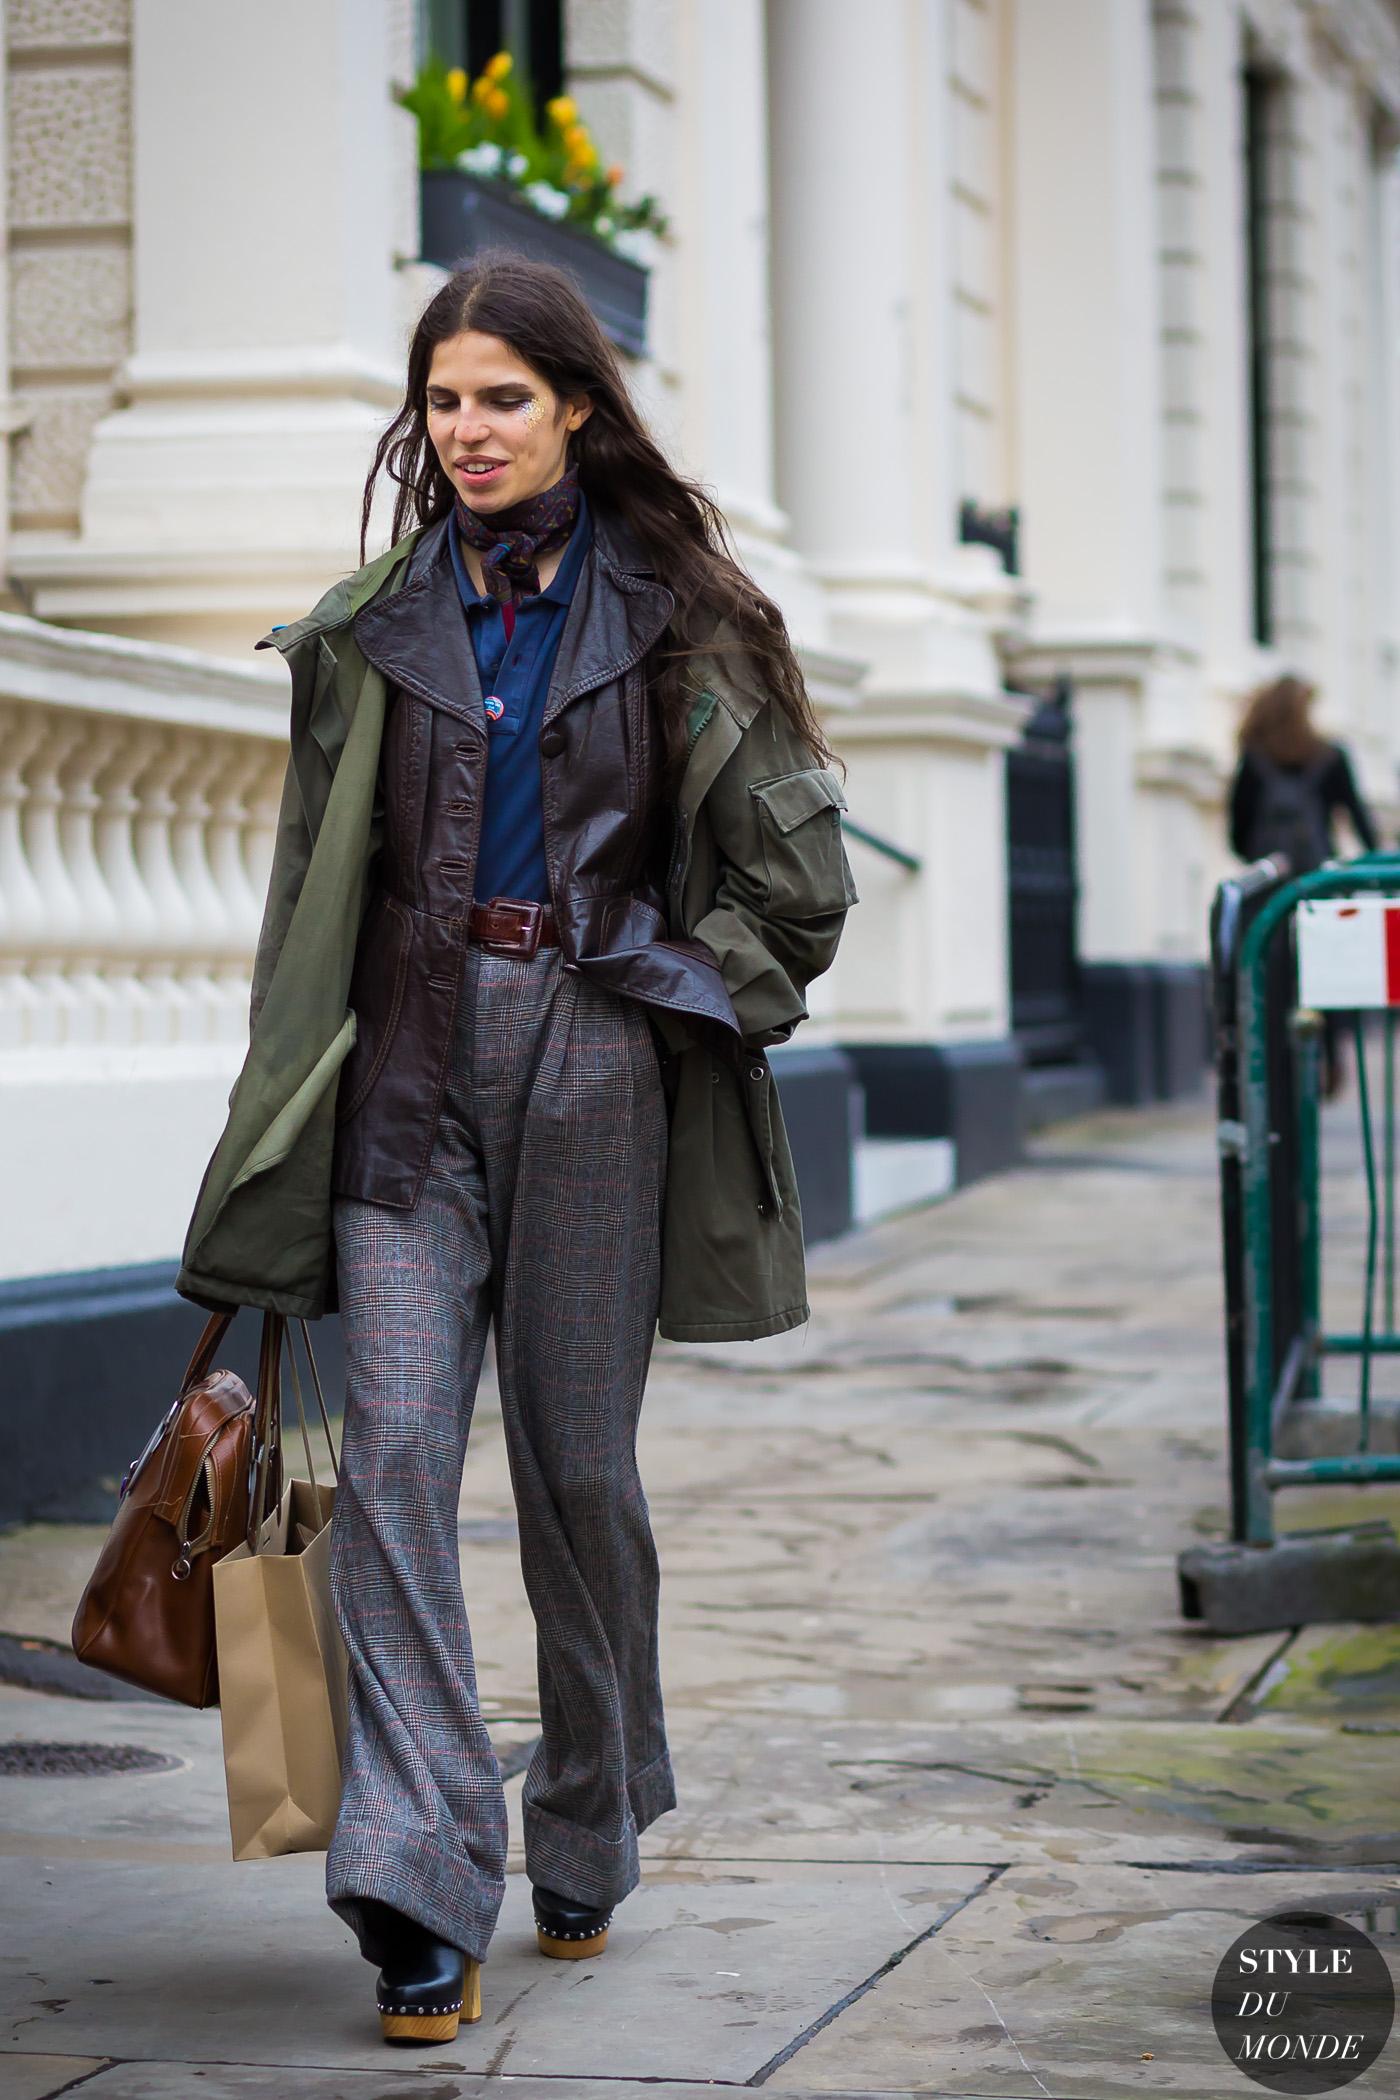 London Fashion Week Fw 2016 Street Style Hayett Mccarthy Style Du Monde Street Style Street